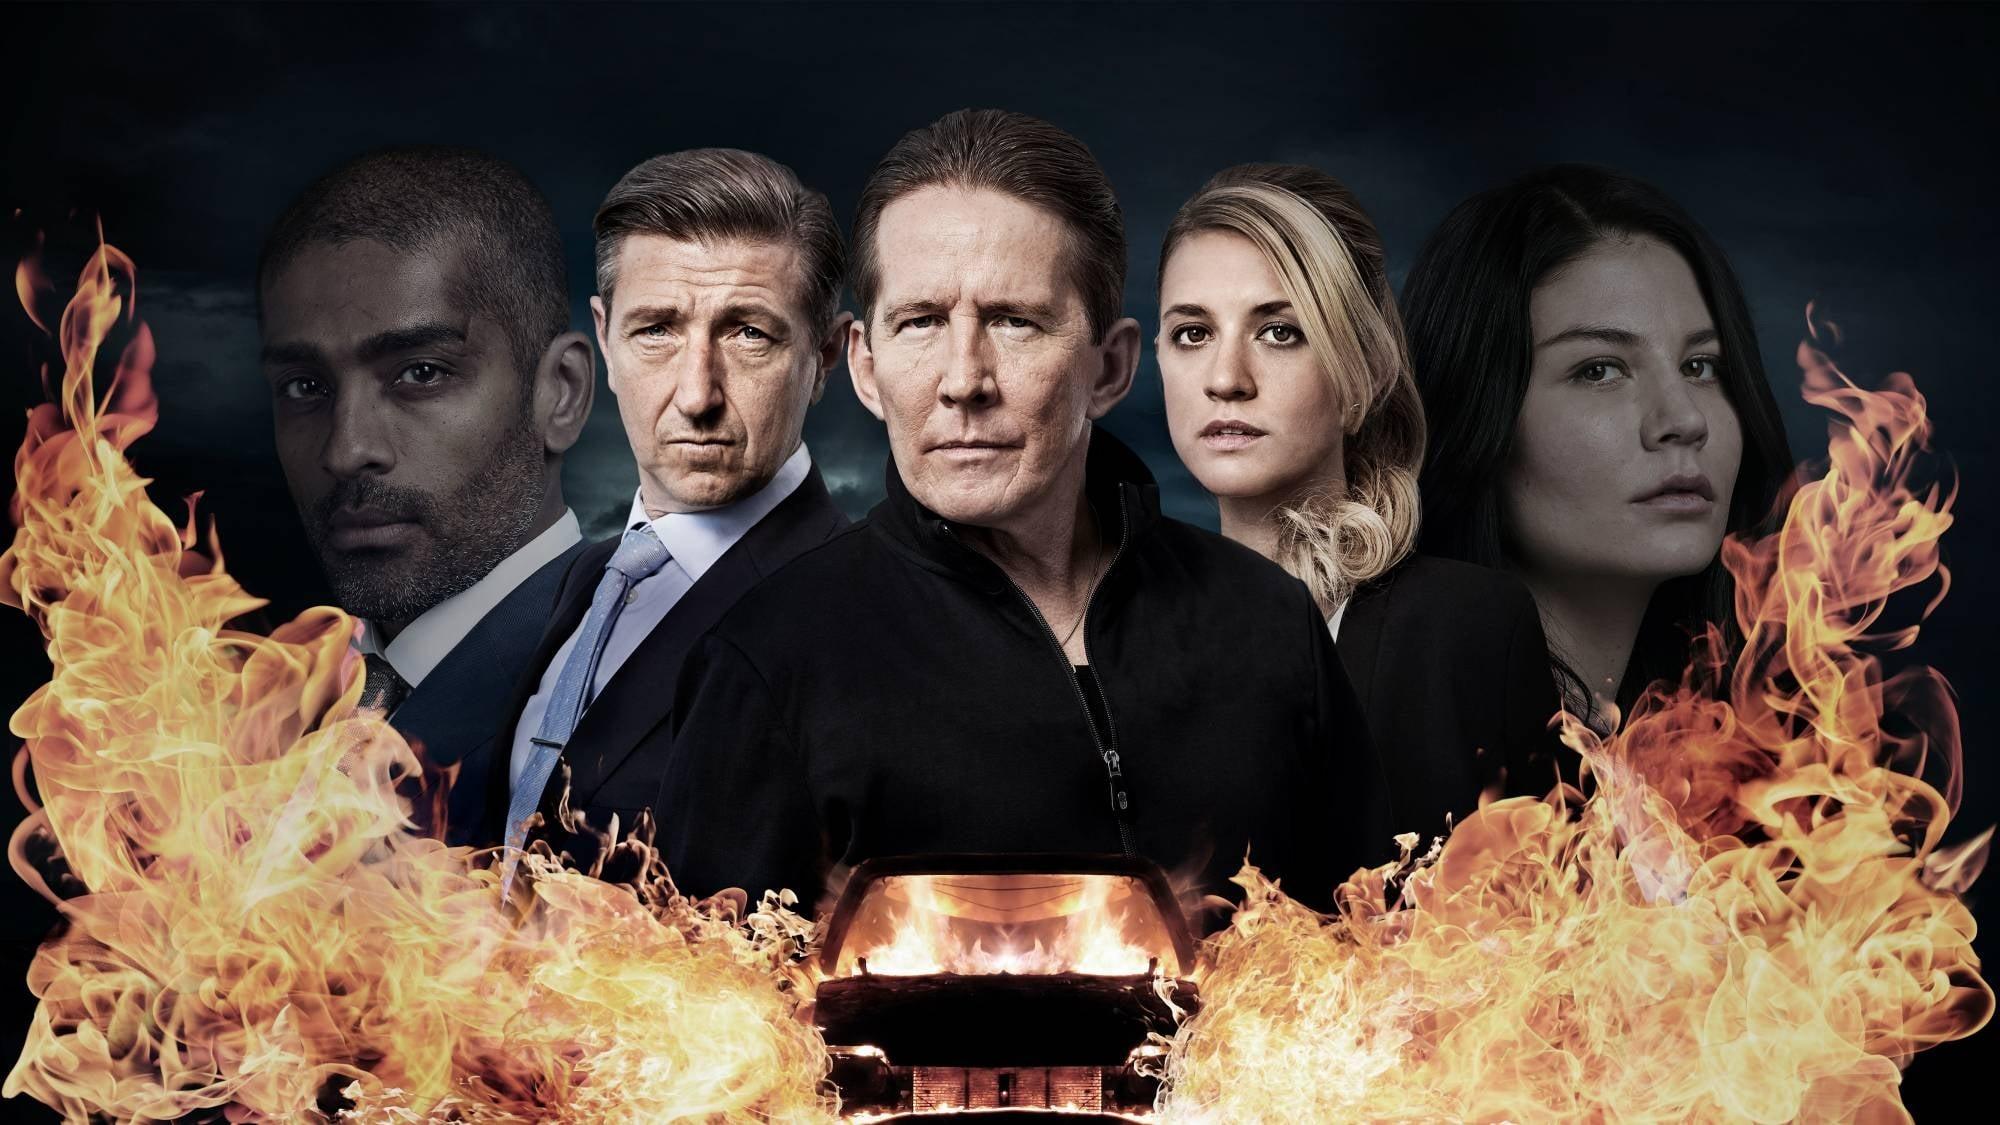 Maak kans op het tweede seizoen van Advokaten (The Lawyer)